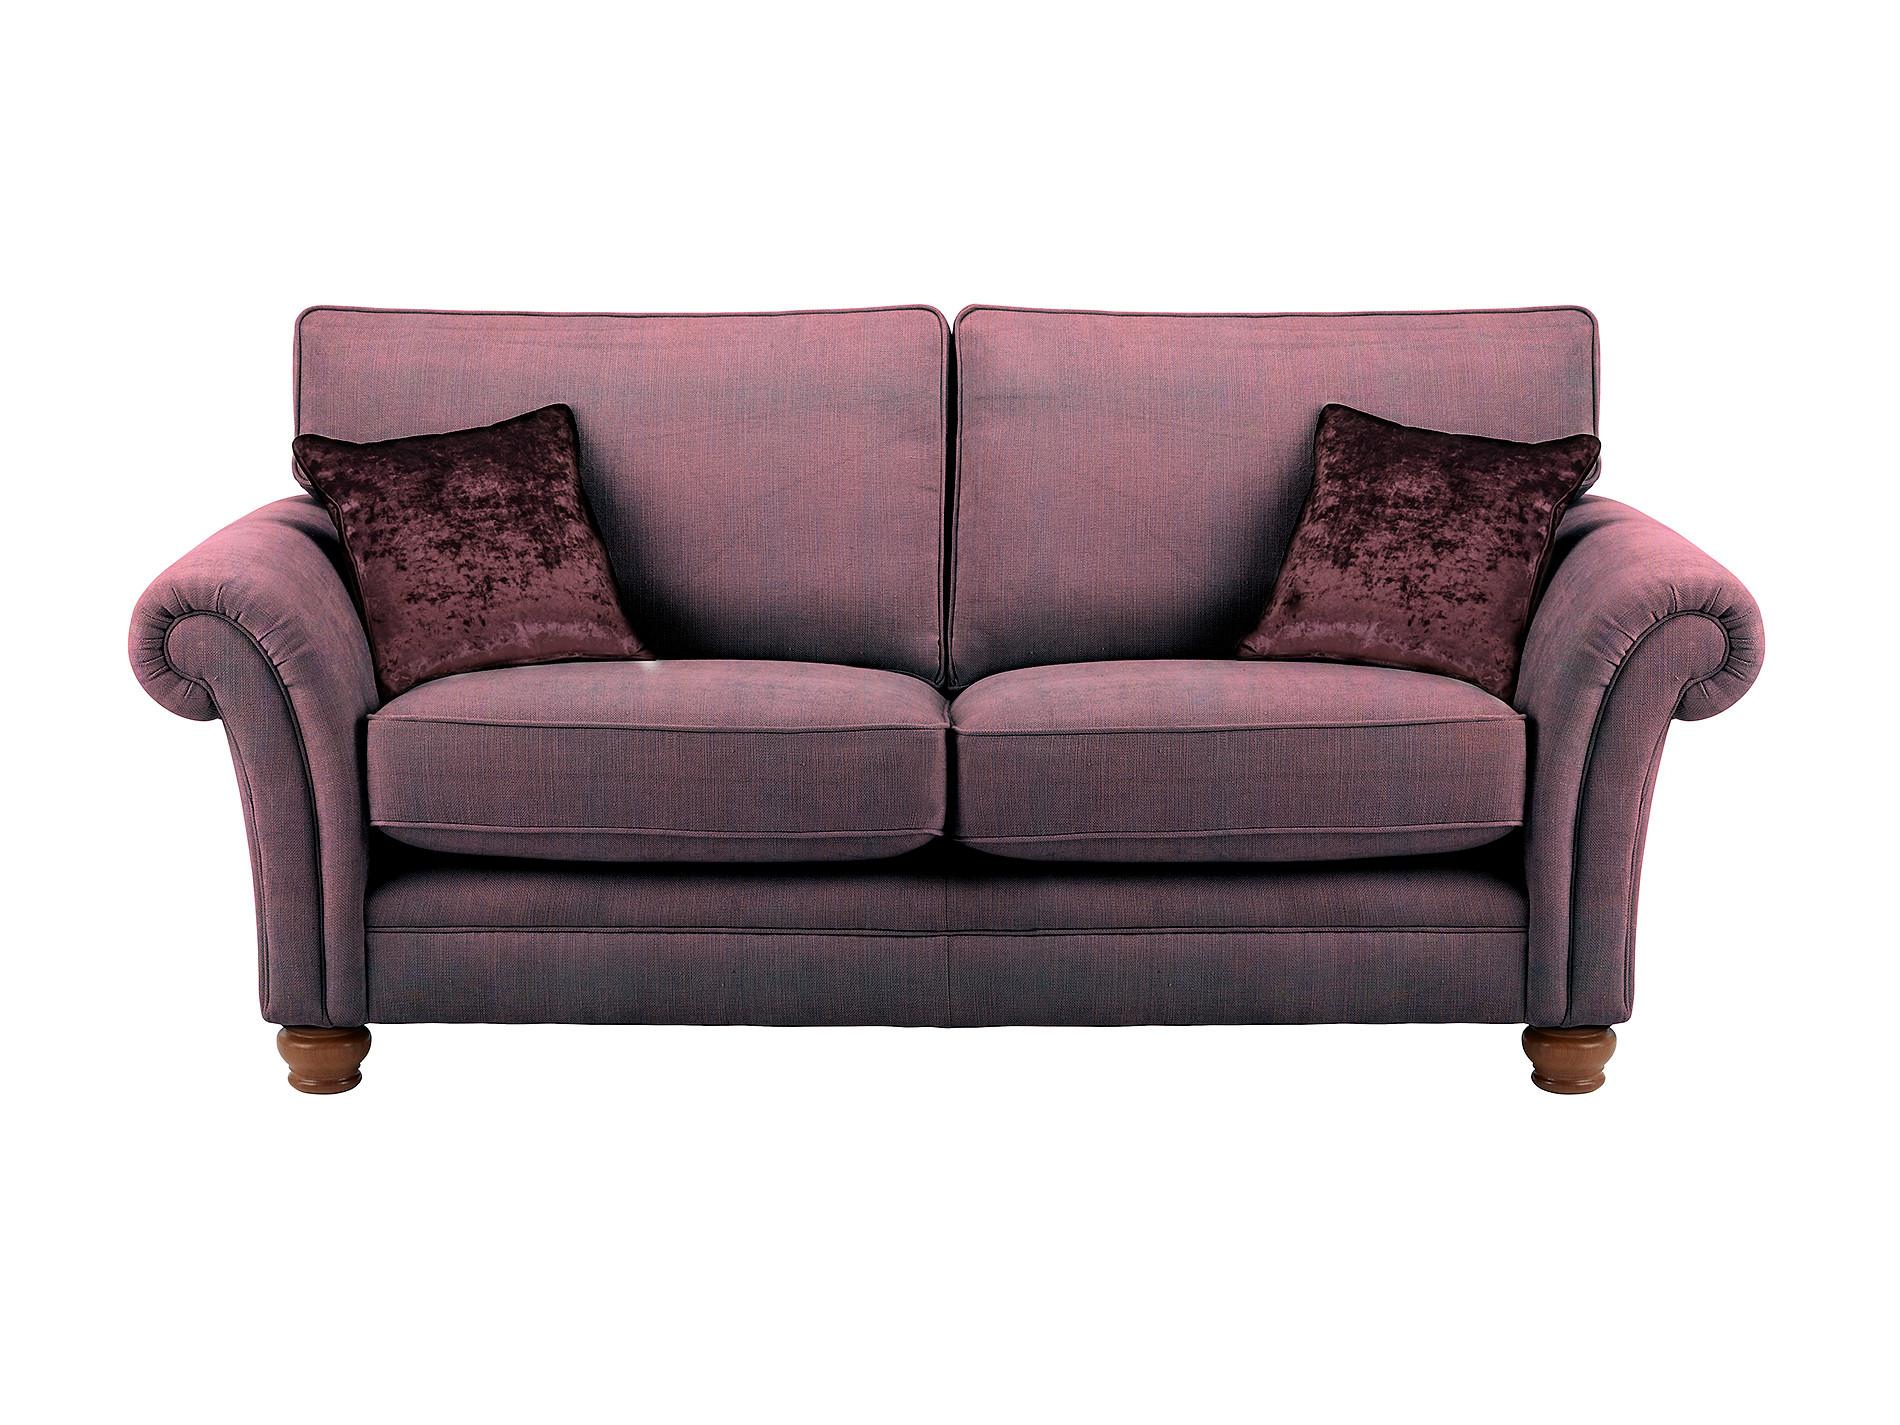 soho large sofa in marinello aubergine with indulgence